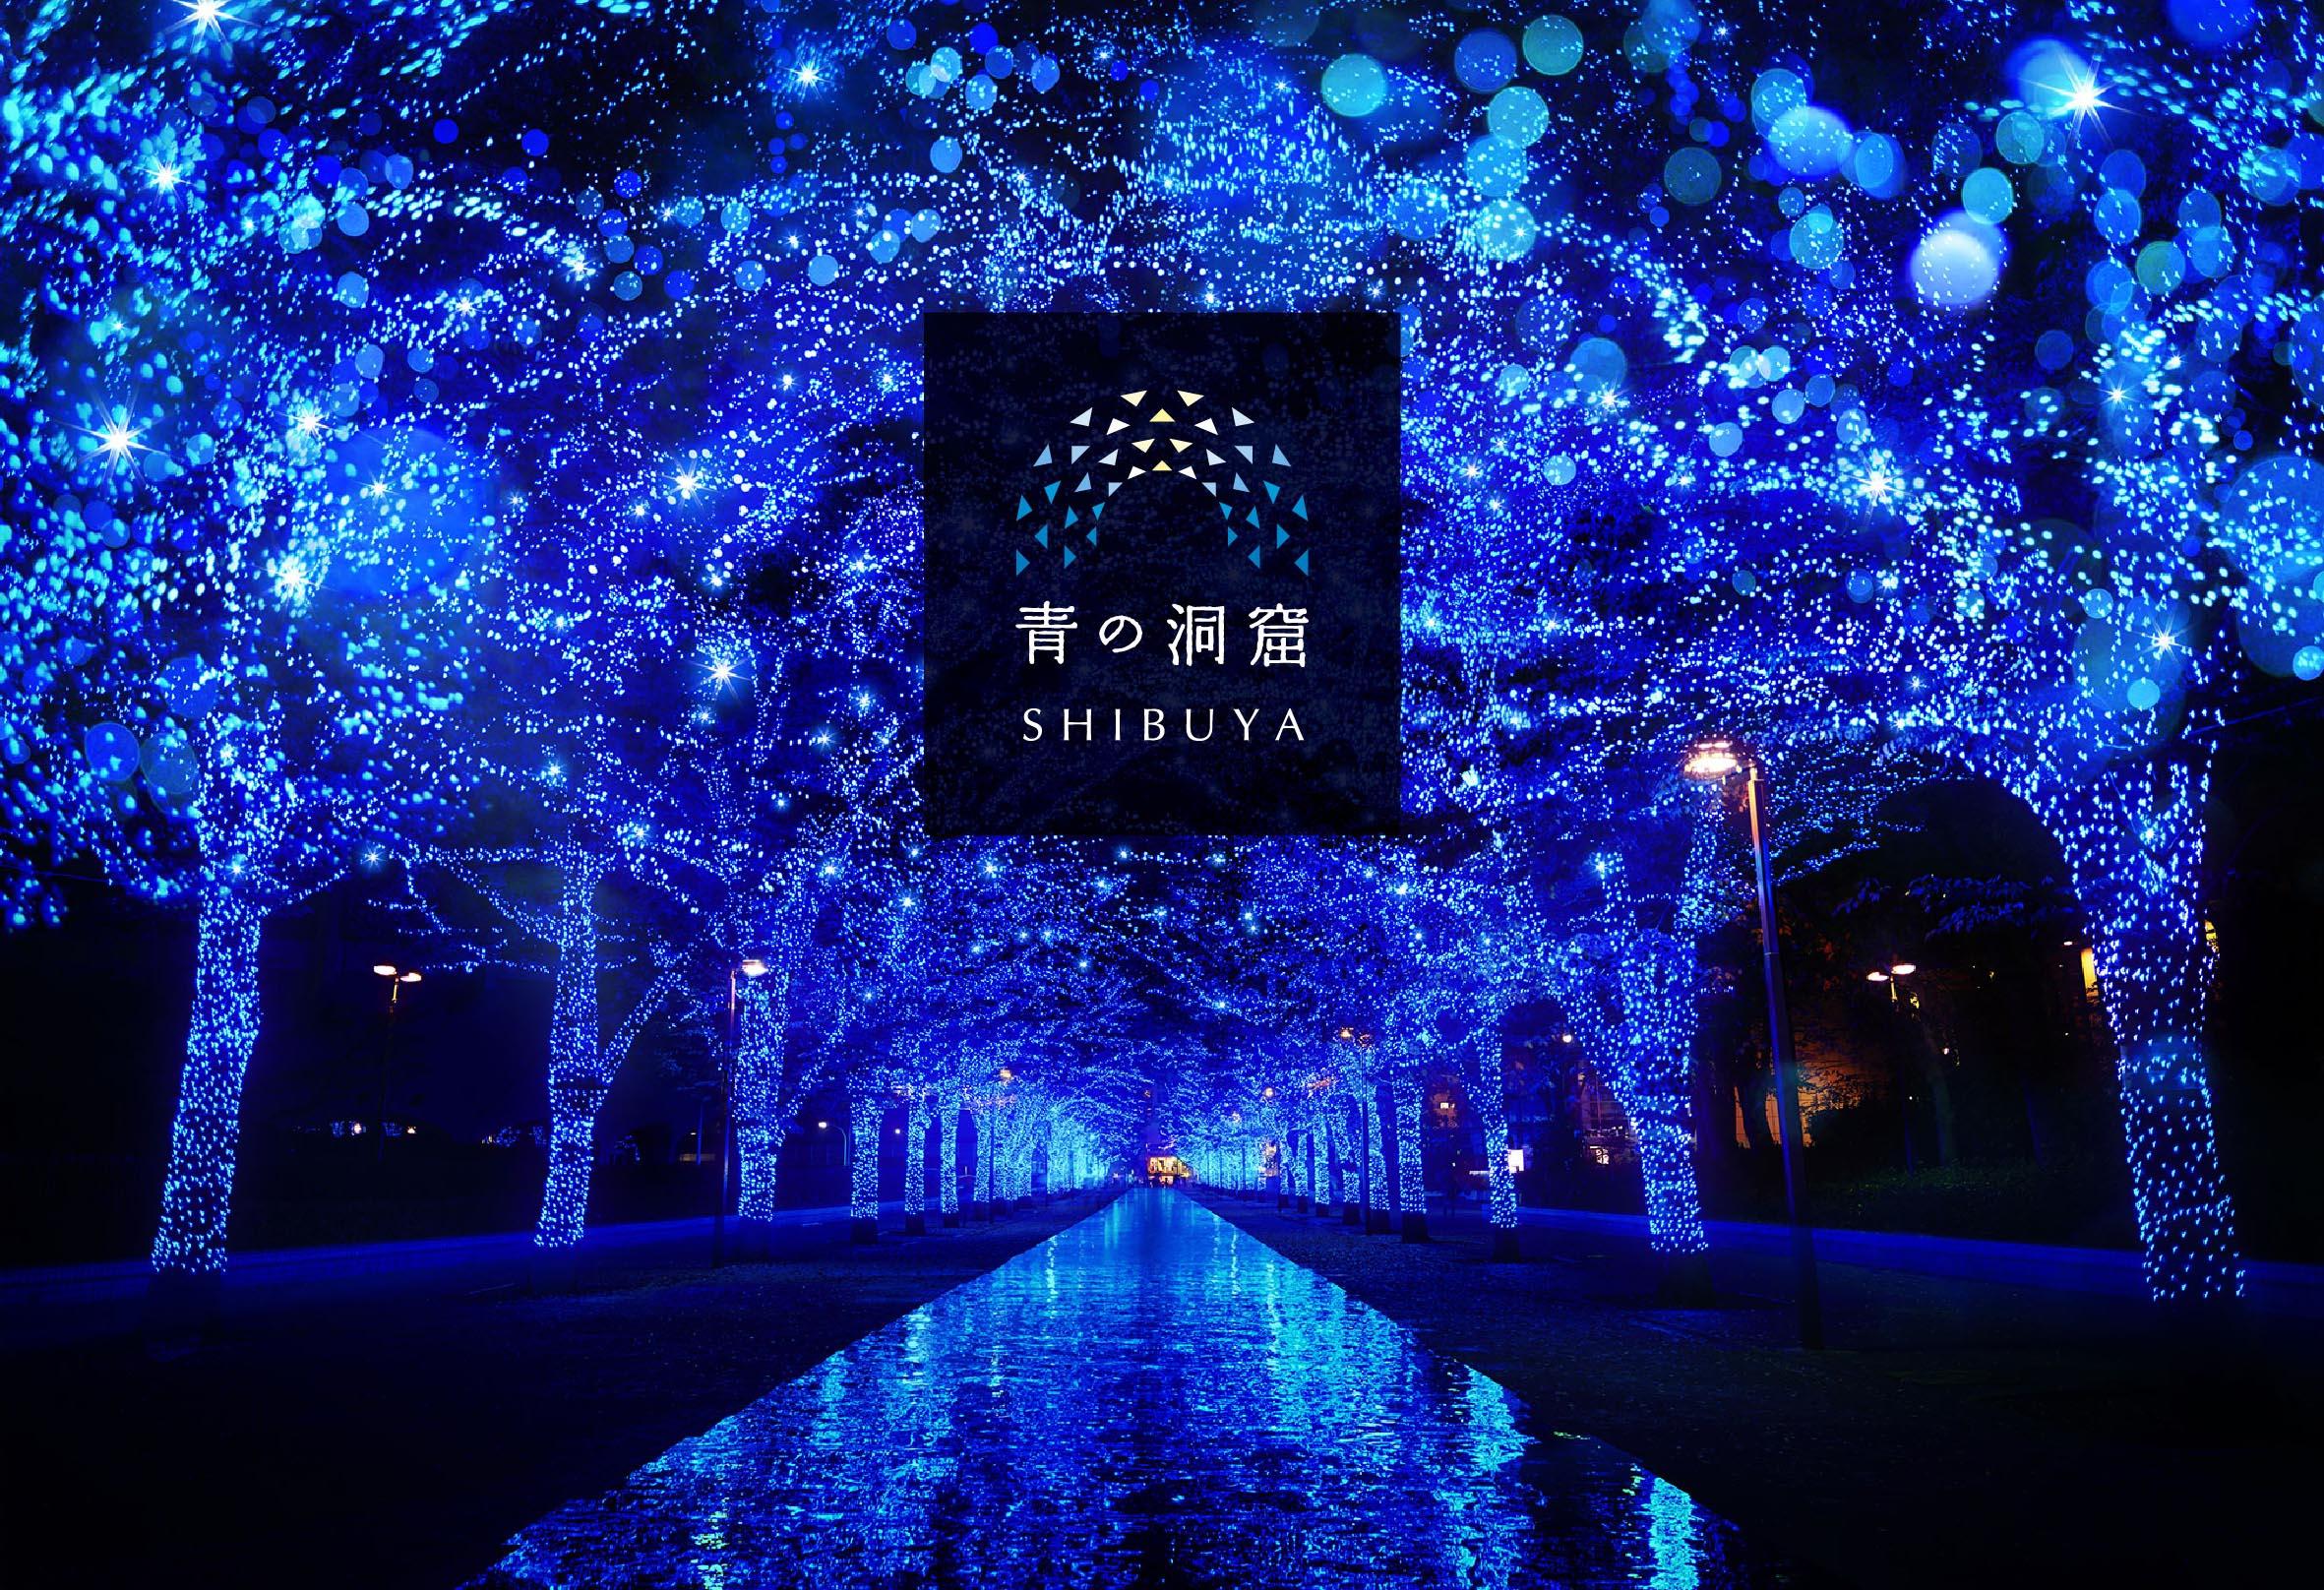 161207_shibuya_main-2